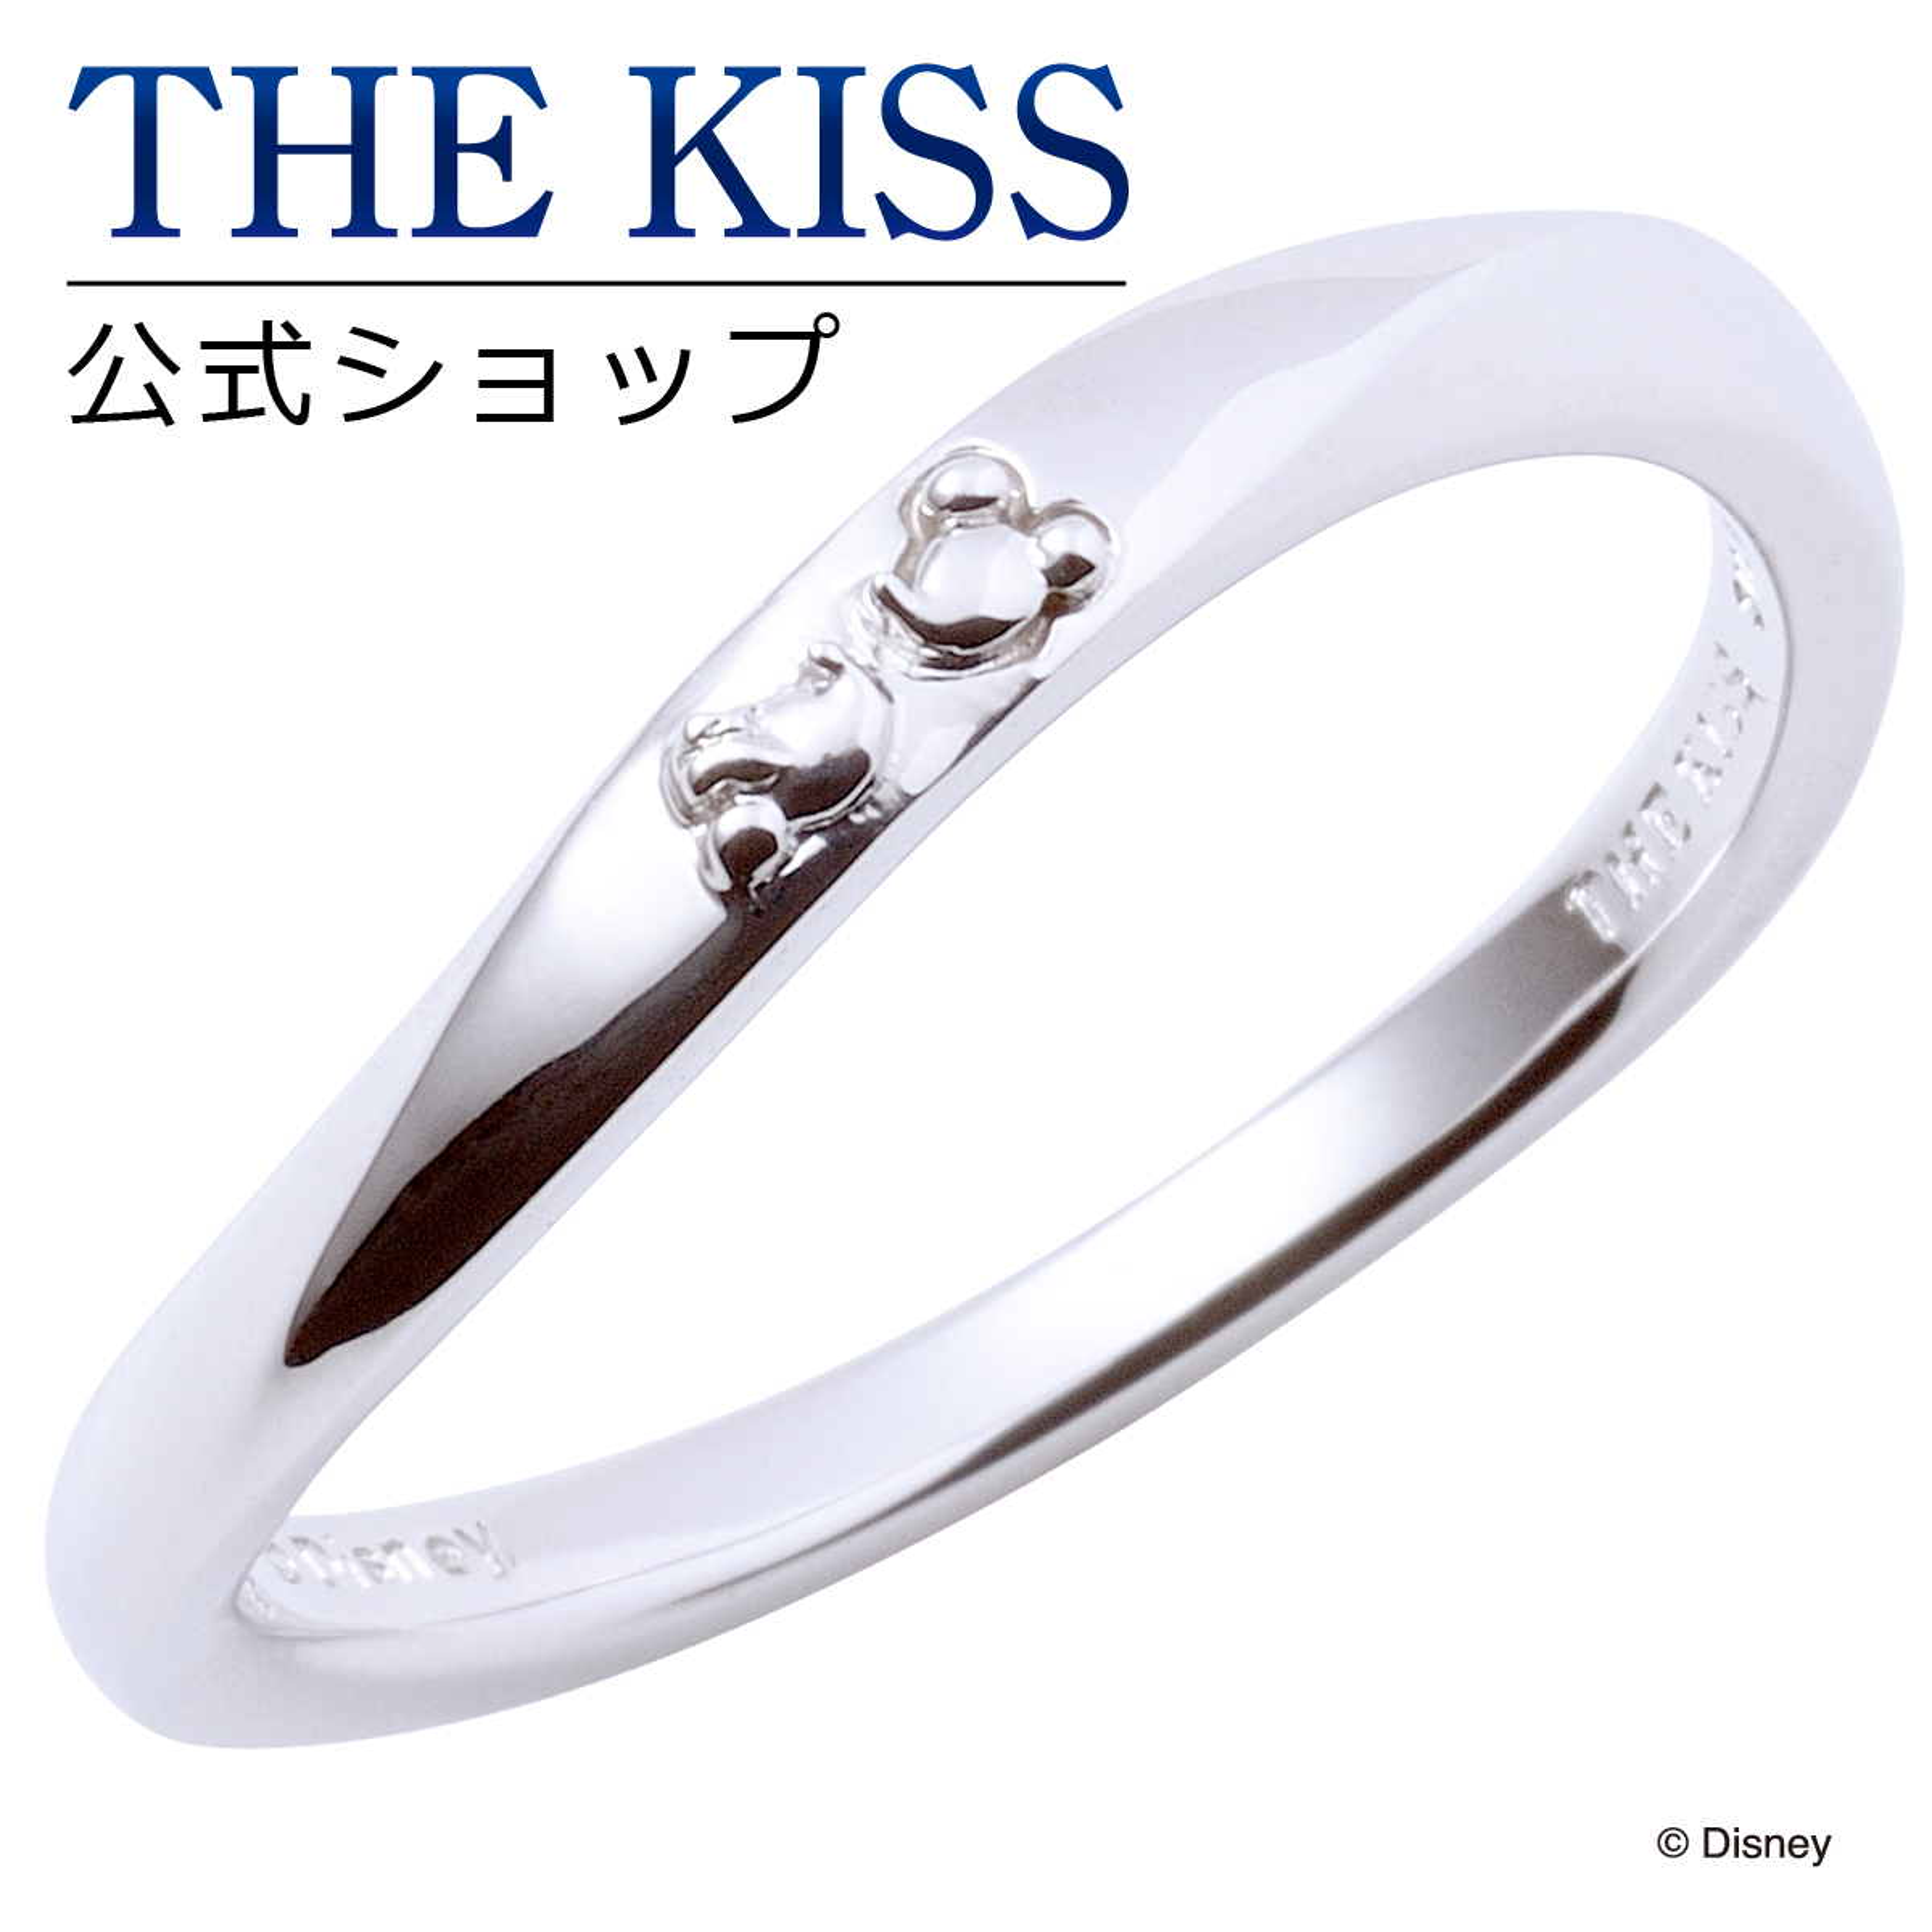 【あす楽対応】【ディズニーコレクション】 ディズニー / ペアリング / ミッキーマウス & ミニーマウス / THE KISS リング・指輪 シルバー (メンズ 単品) DI-SR1832 ザキス 【送料無料】